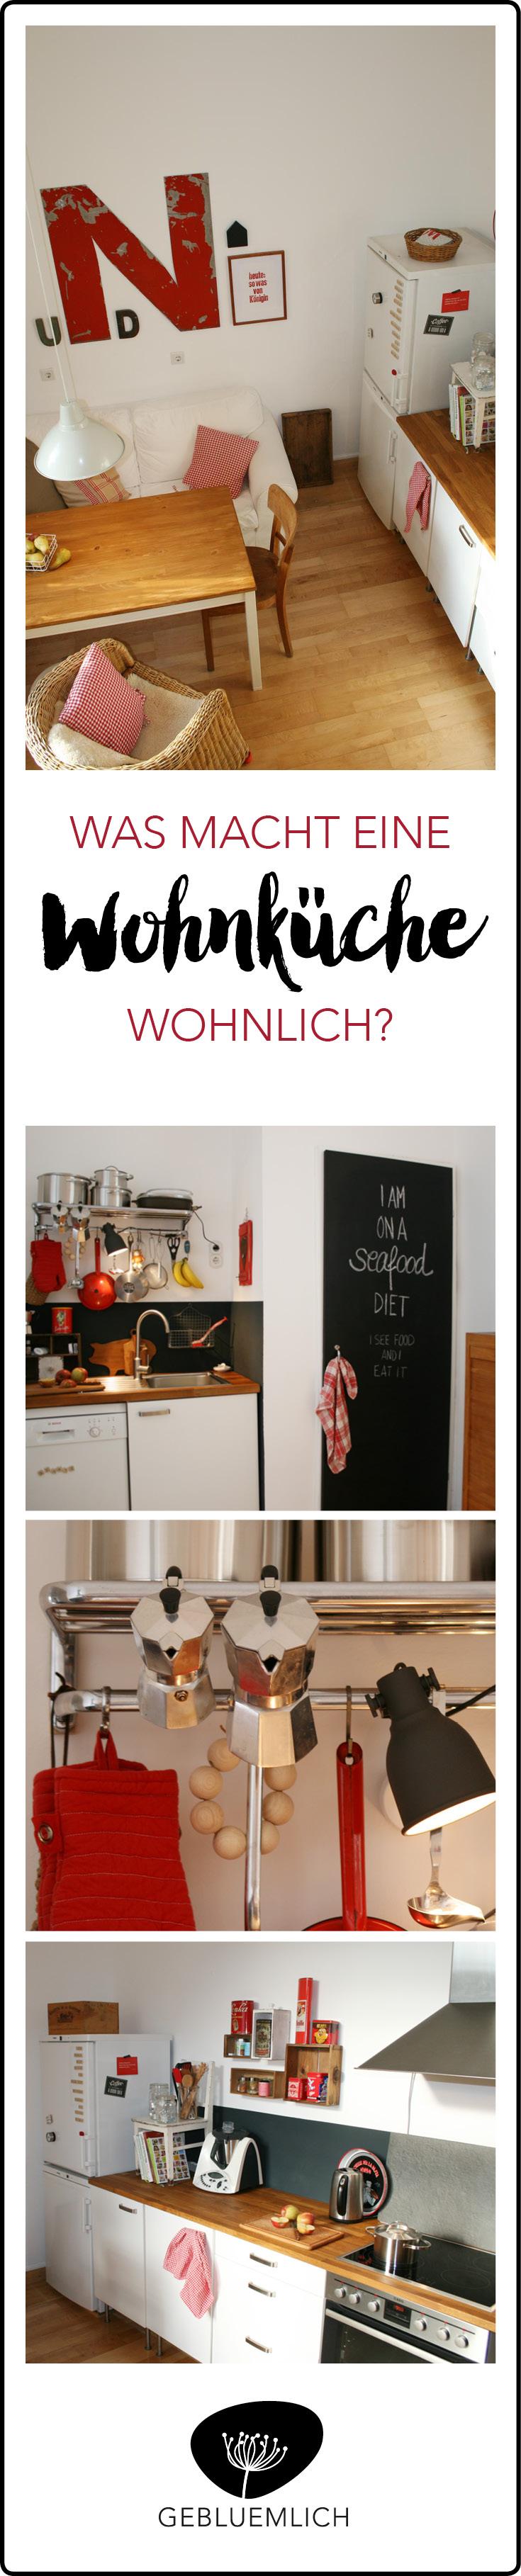 Was macht eine Wohnküche wohnlich